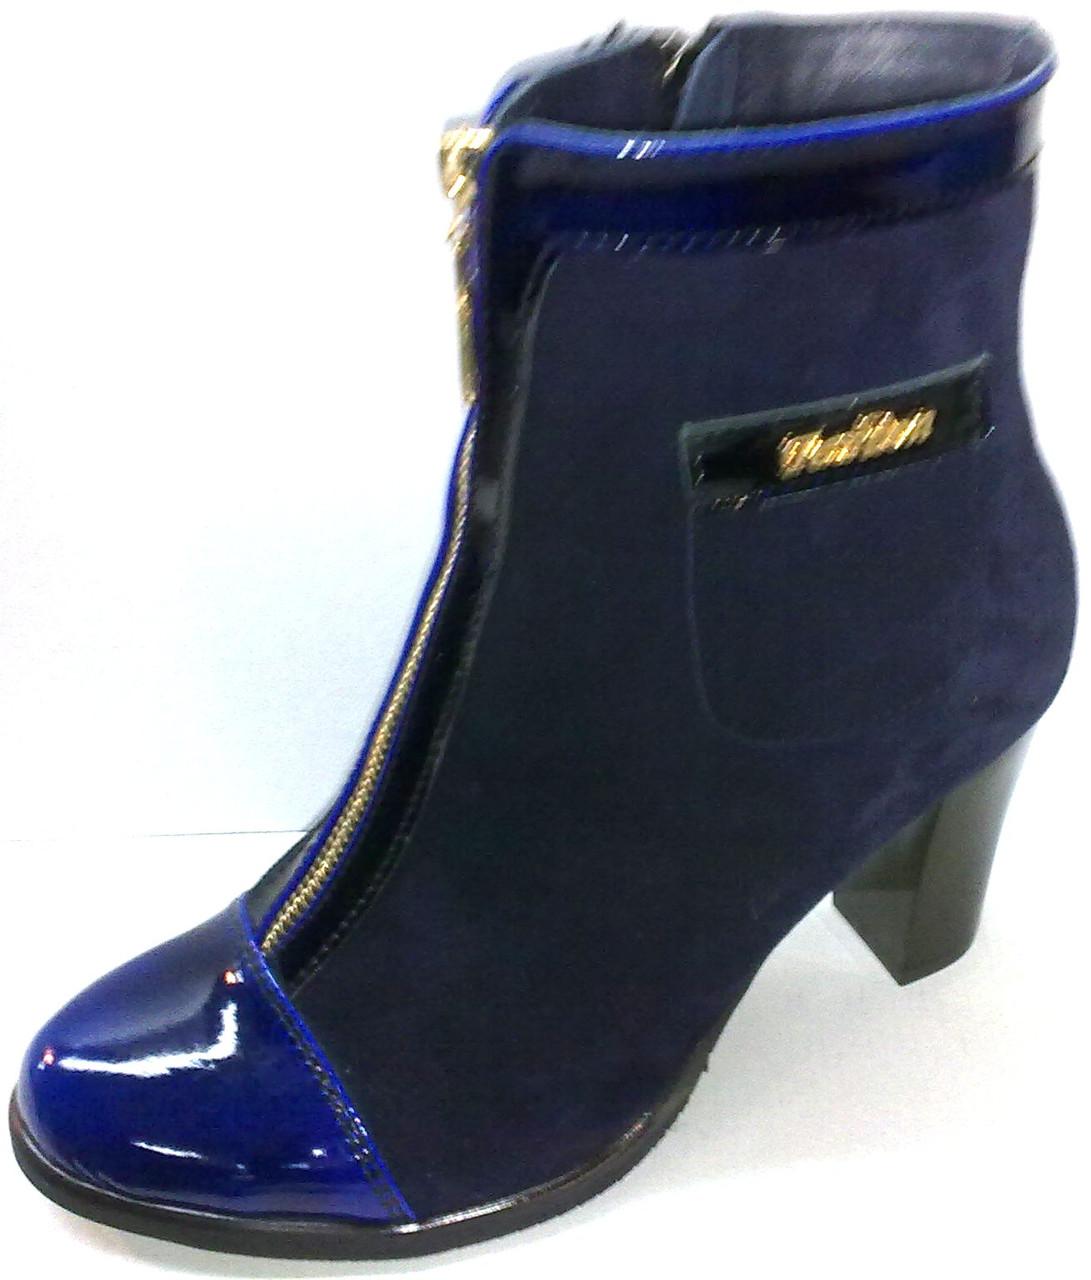 Ботинки на каблуке с декором - кармашек